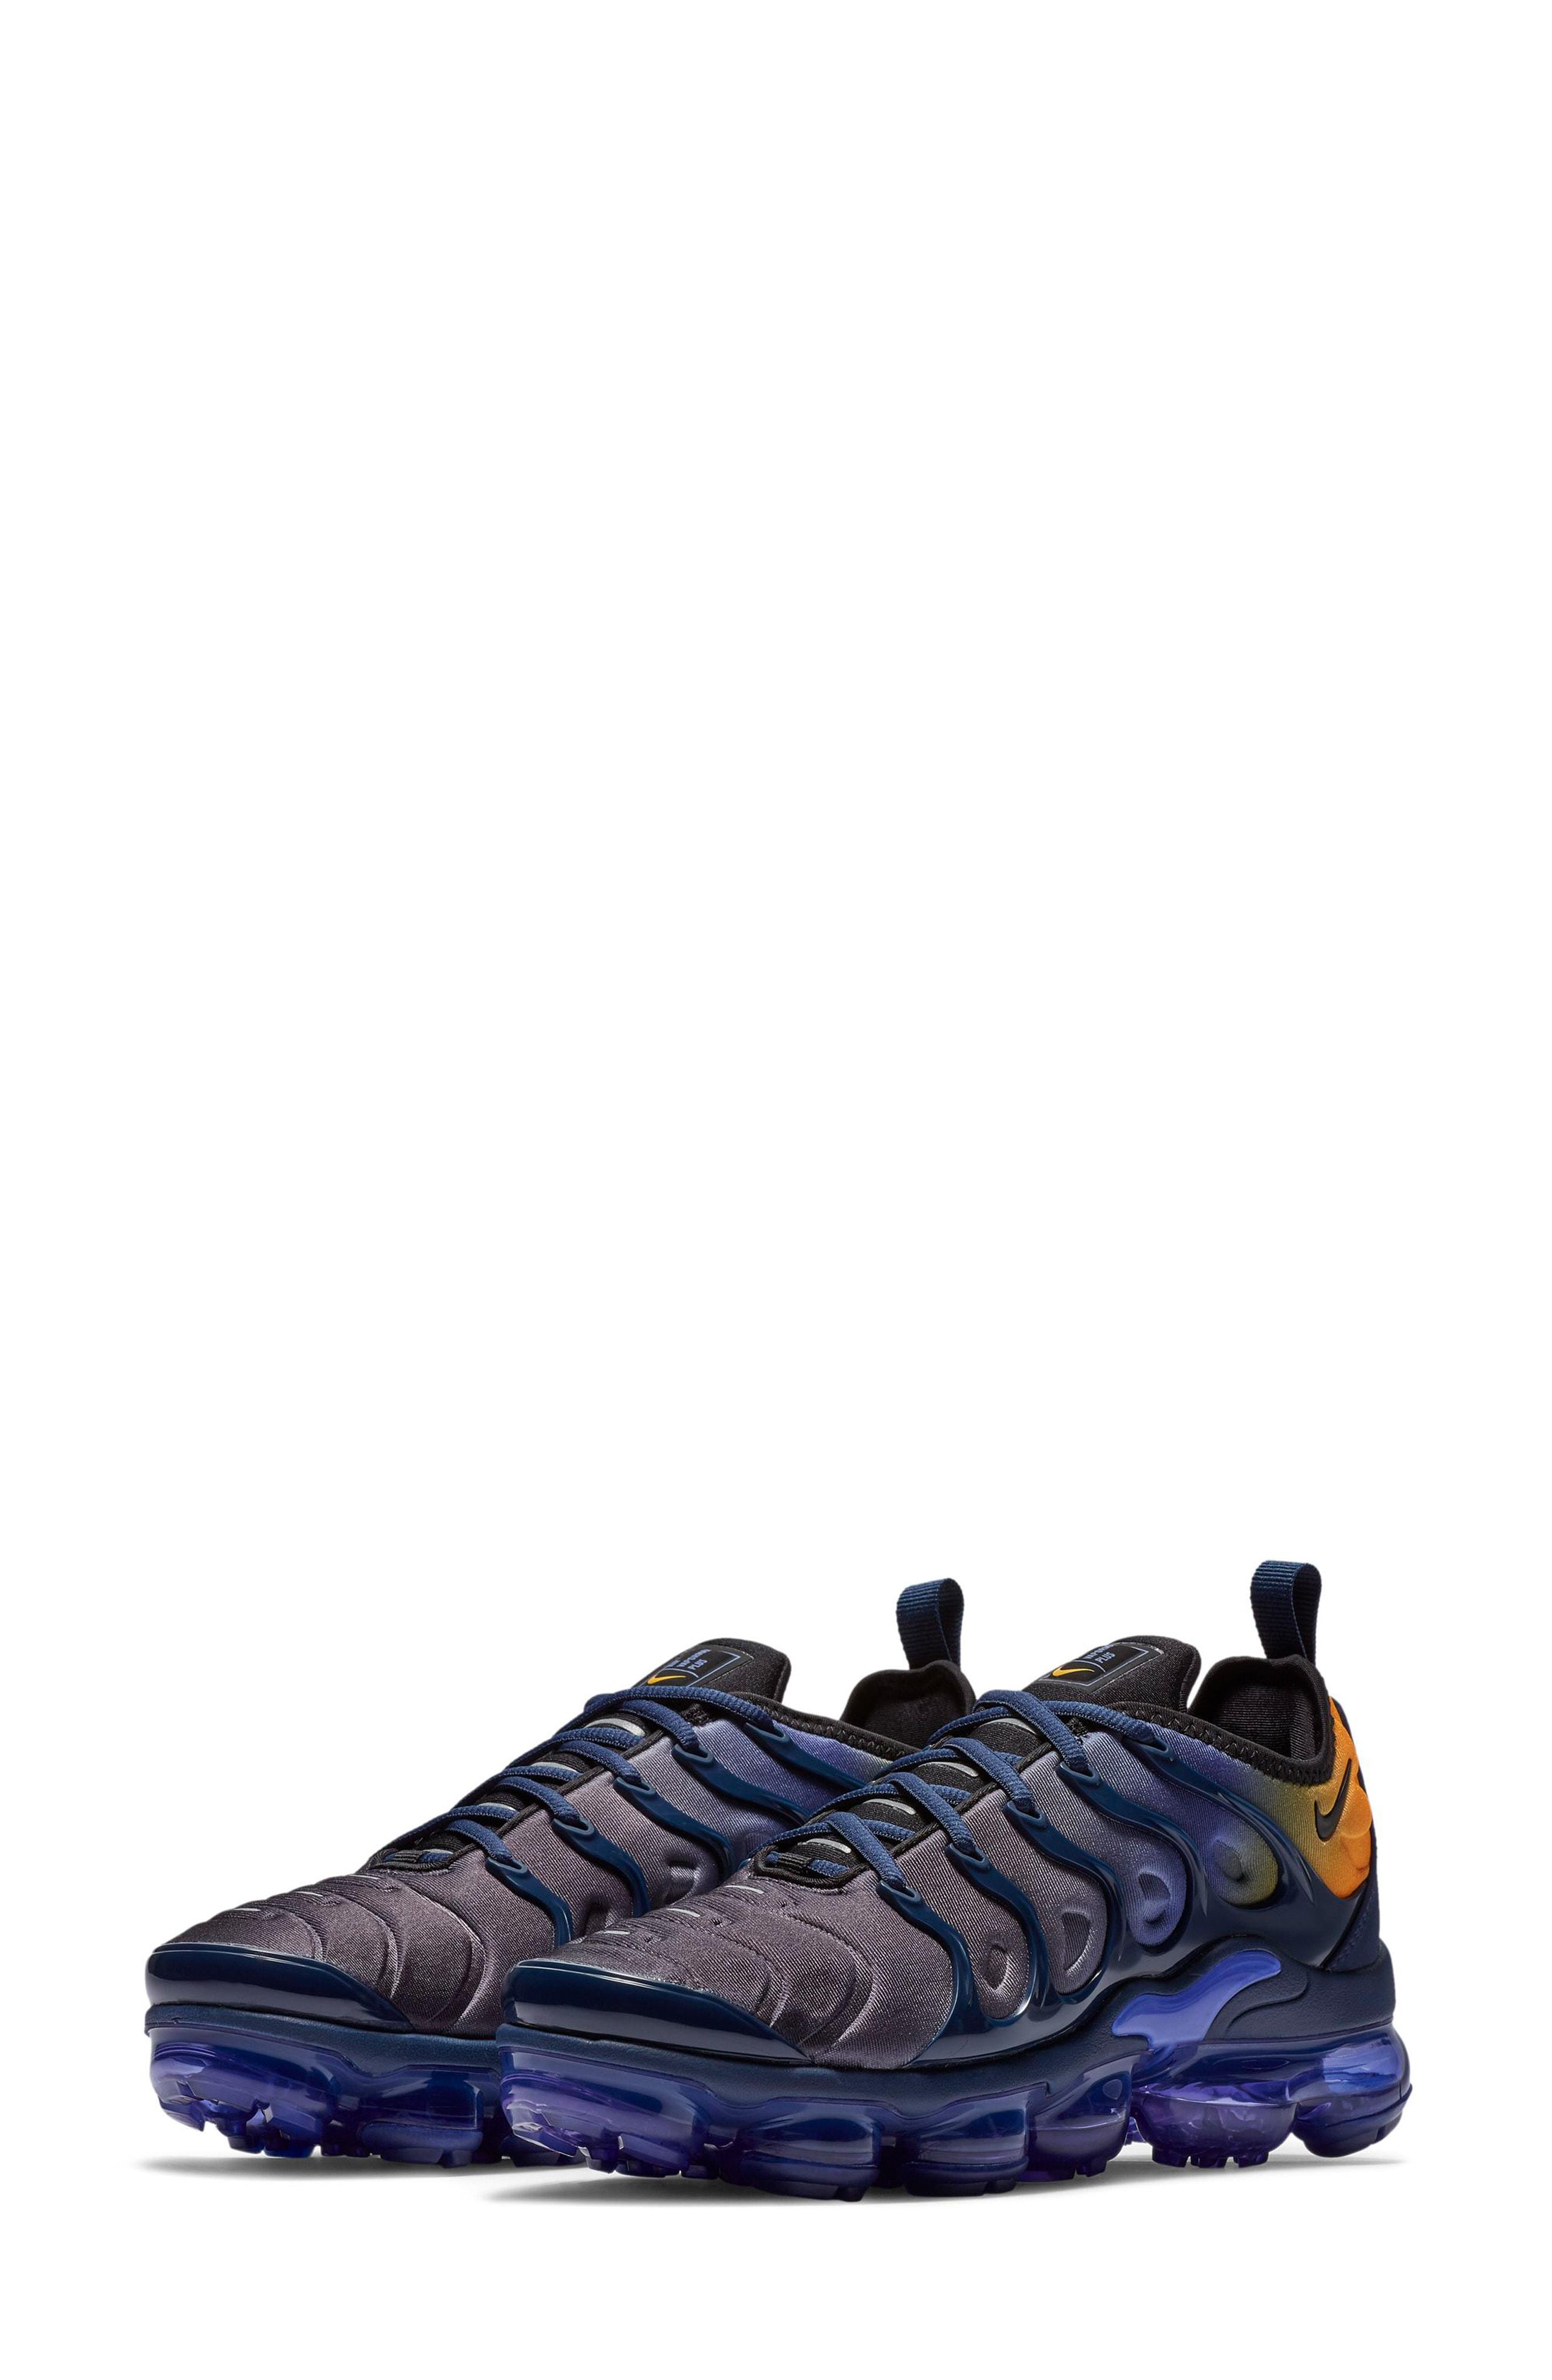 62c6d44c8a5 Nike Women s Air Vapormax Plus Casual Shoes